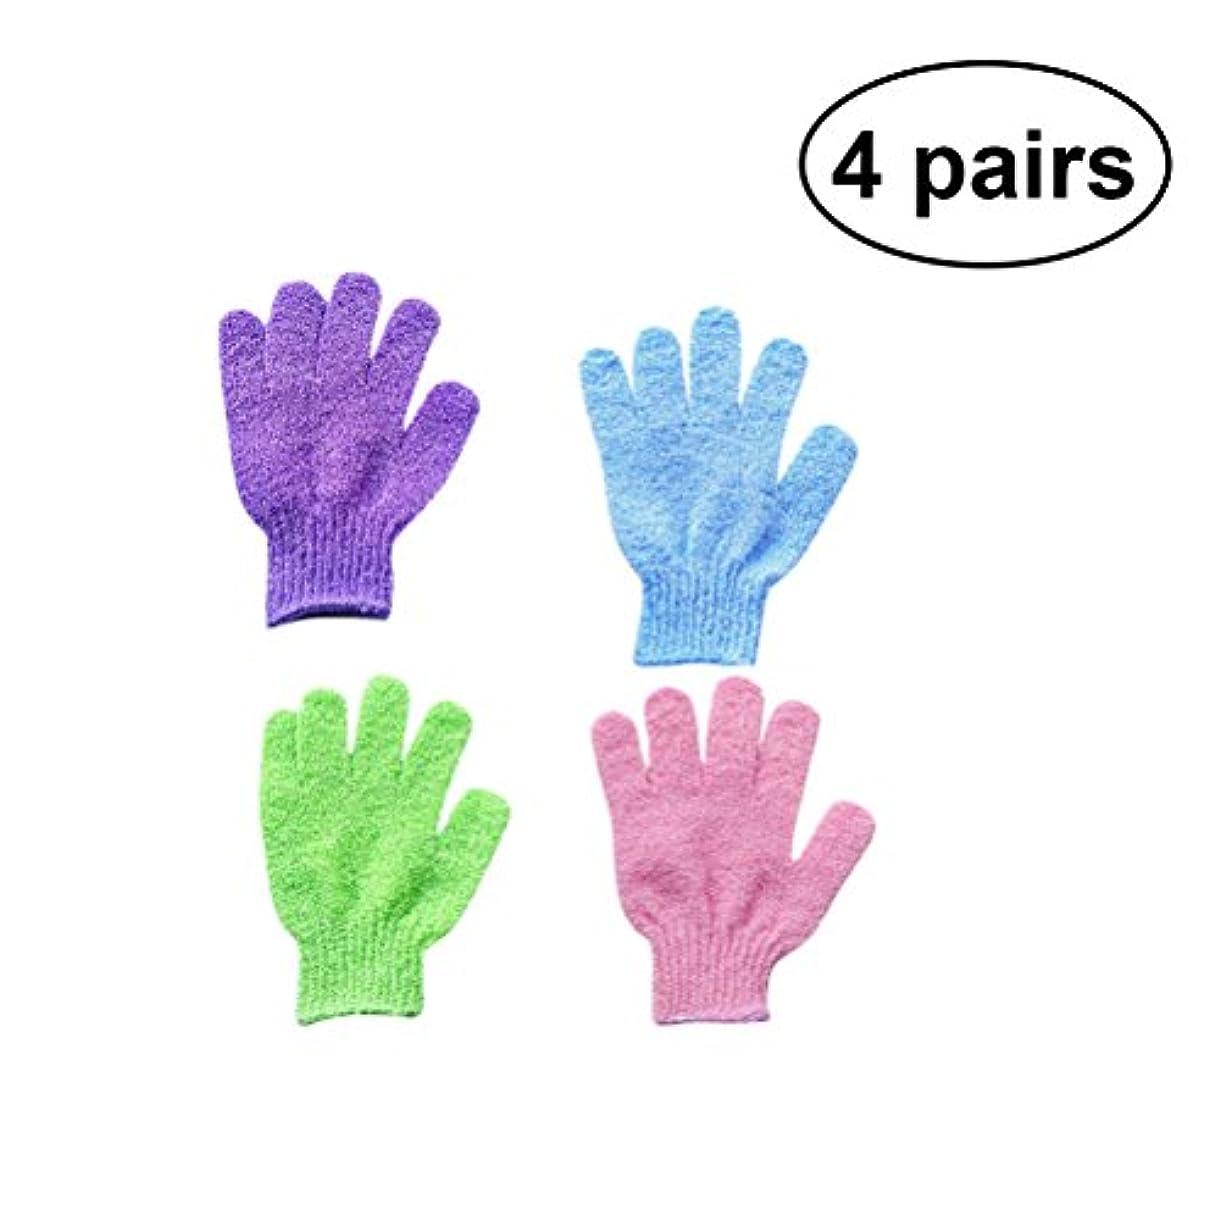 保証する乞食プログレッシブHealifty 4 Pairs Exfoliating Bath Gloves Shower Mitts Exfoliating Body Spa Massage Dead Skin Cell Remover